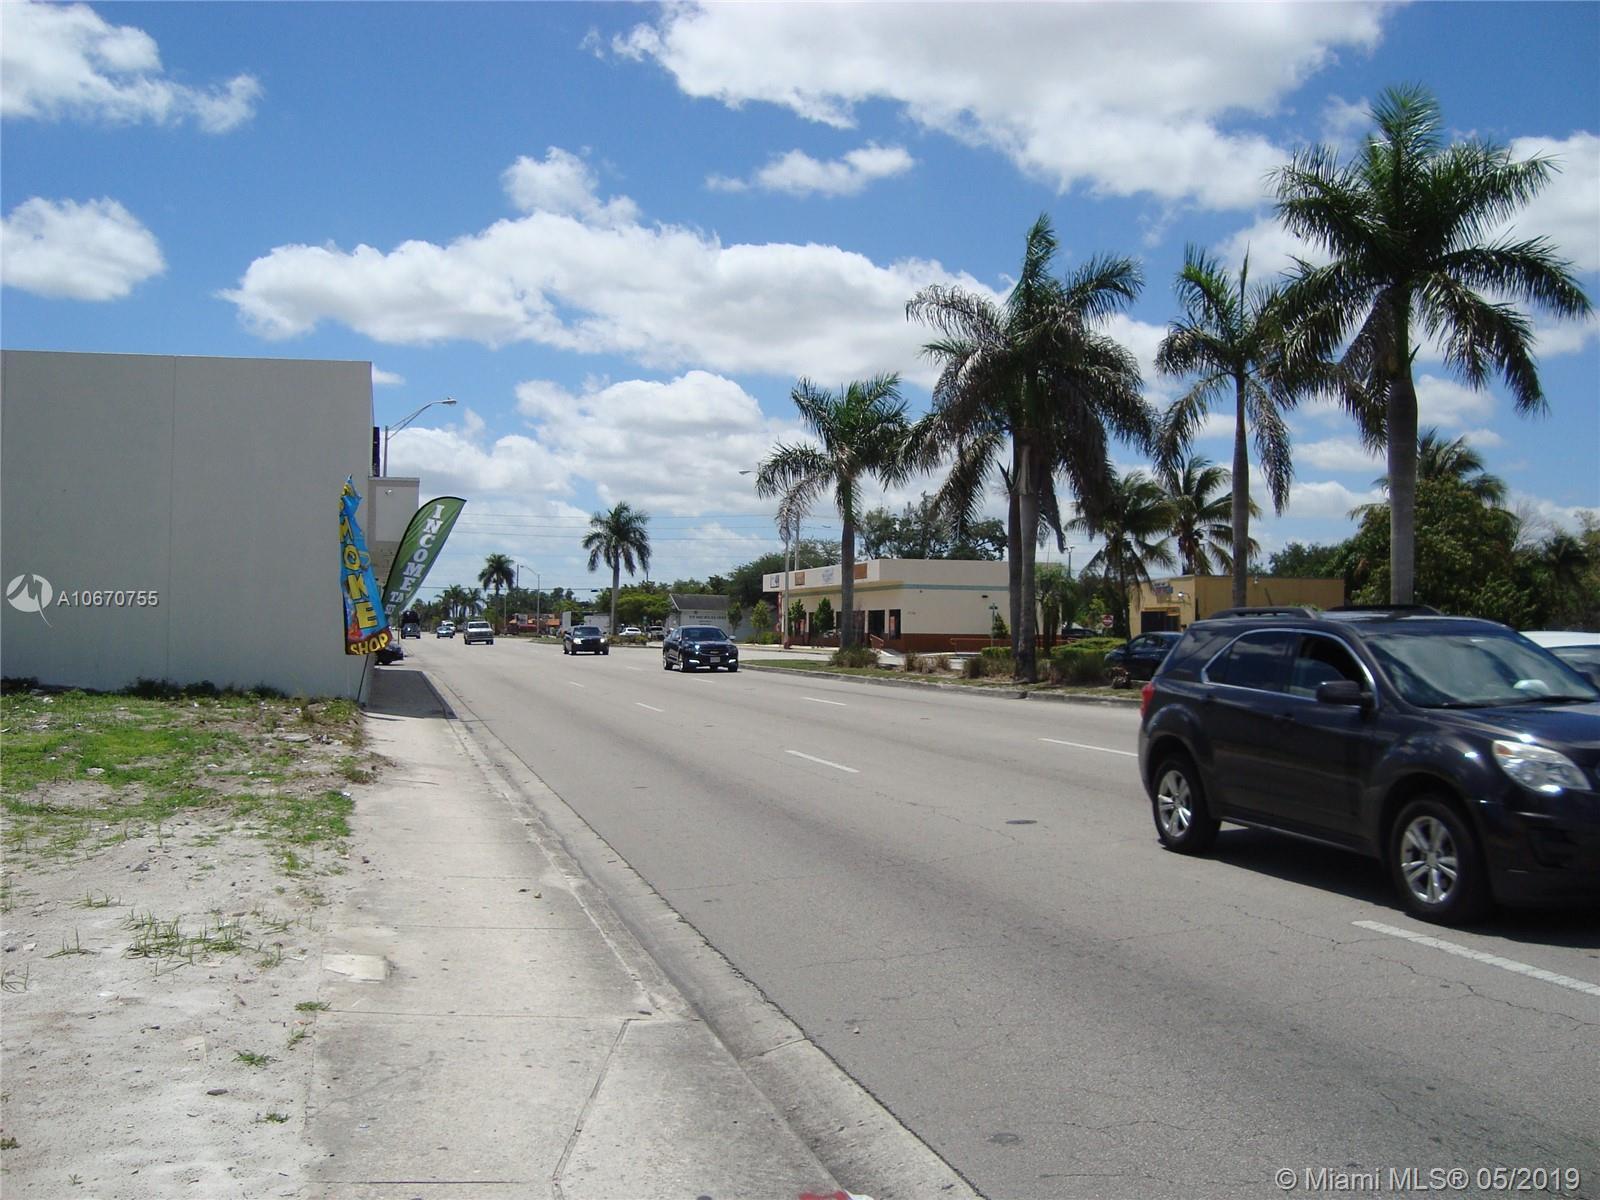 9229 NW 22 Ave, Miami, Florida 33147